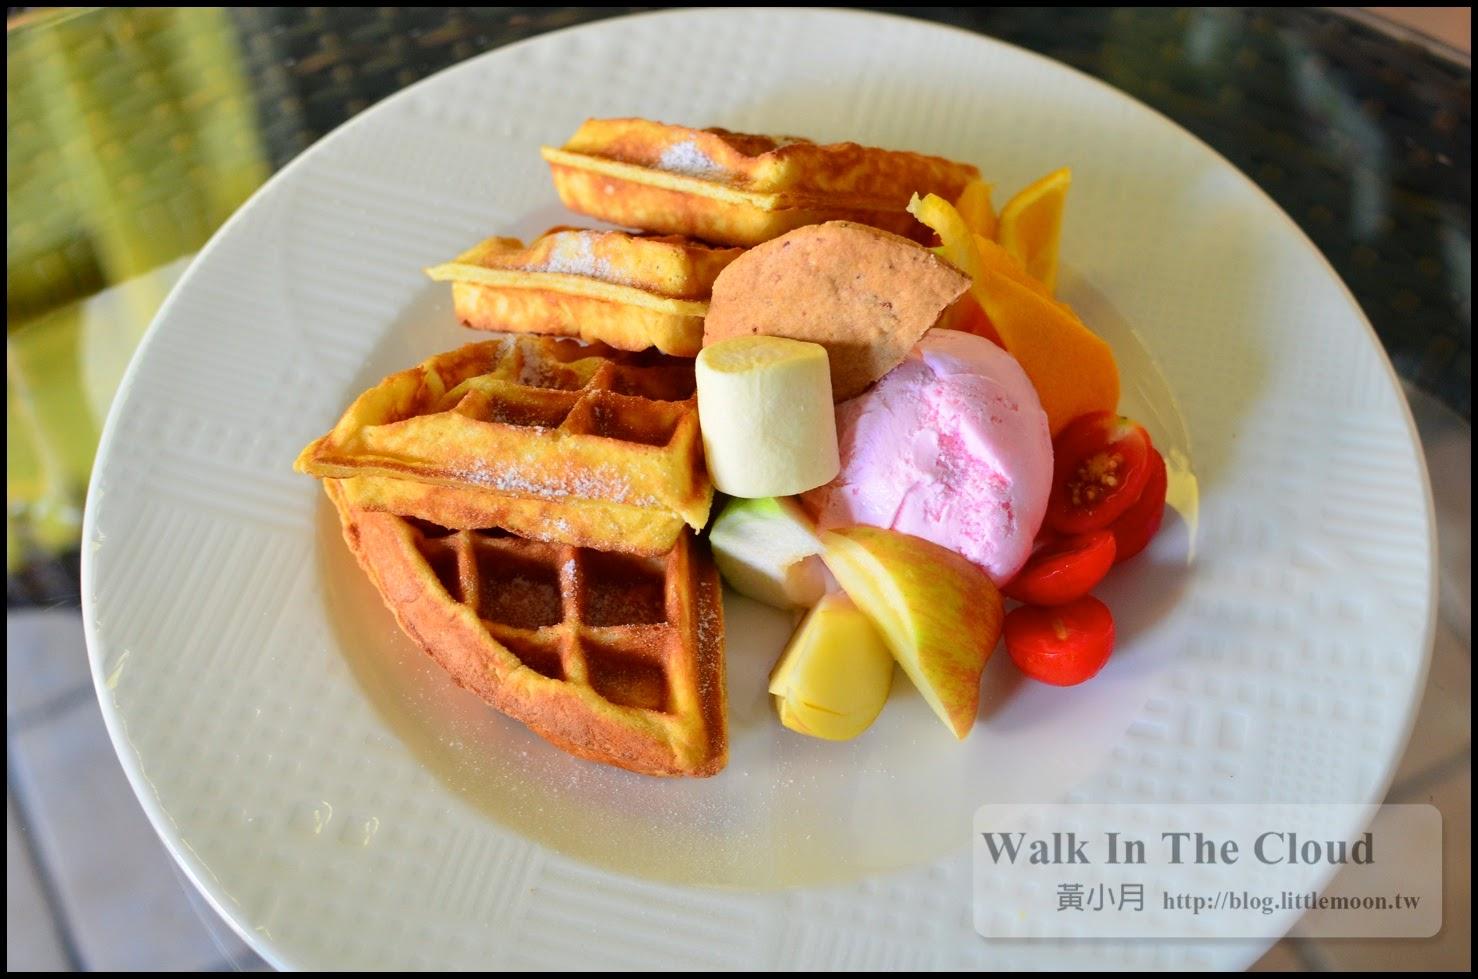 季節水果冰淇淋鬆餅(180元)